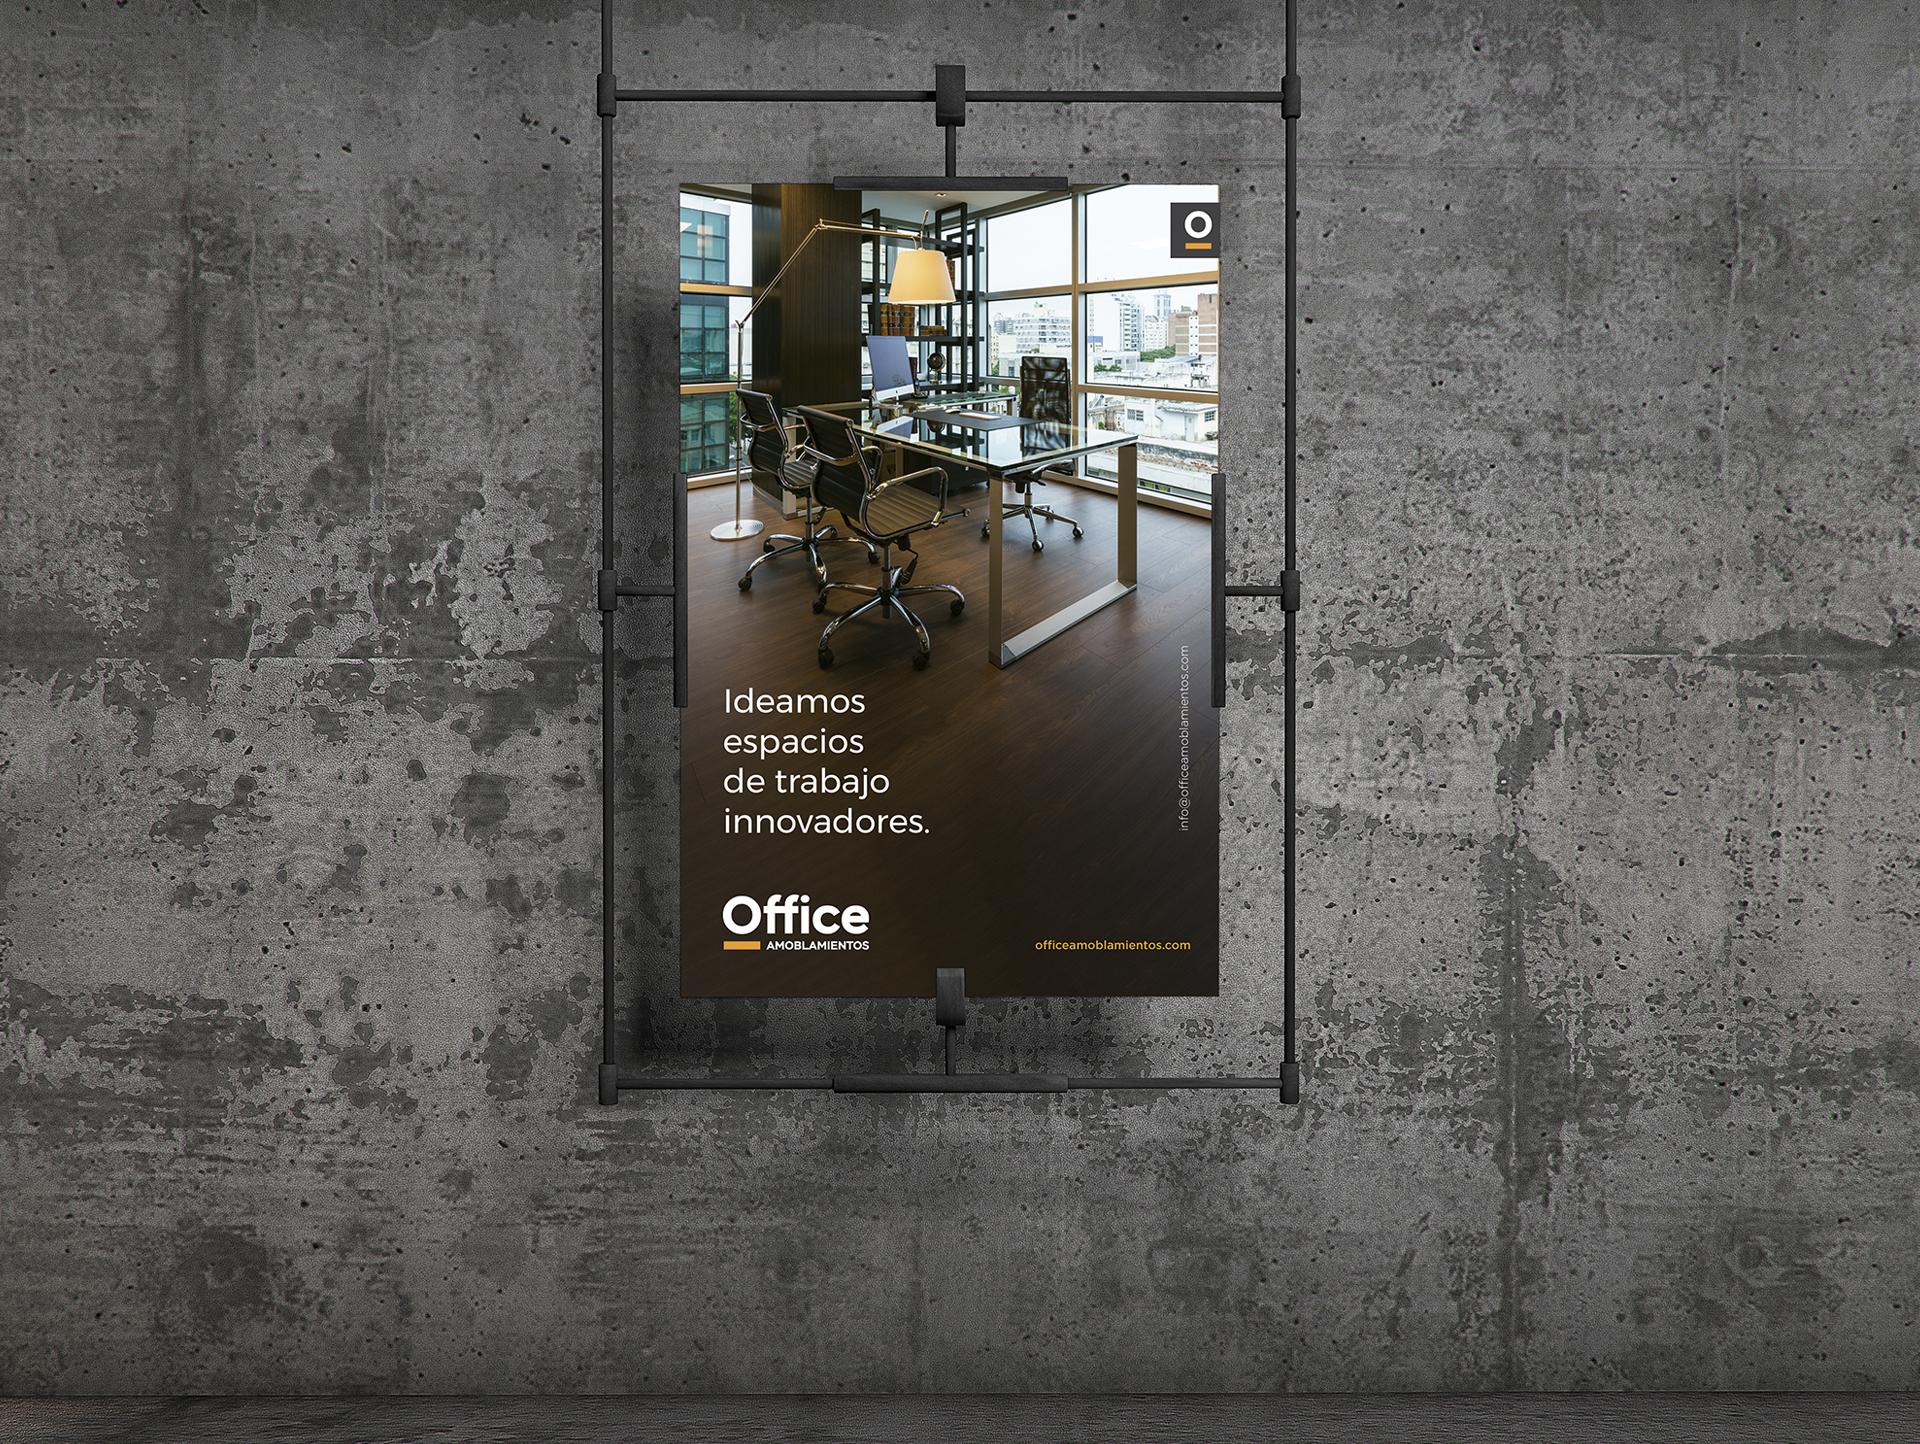 23 office behance copy